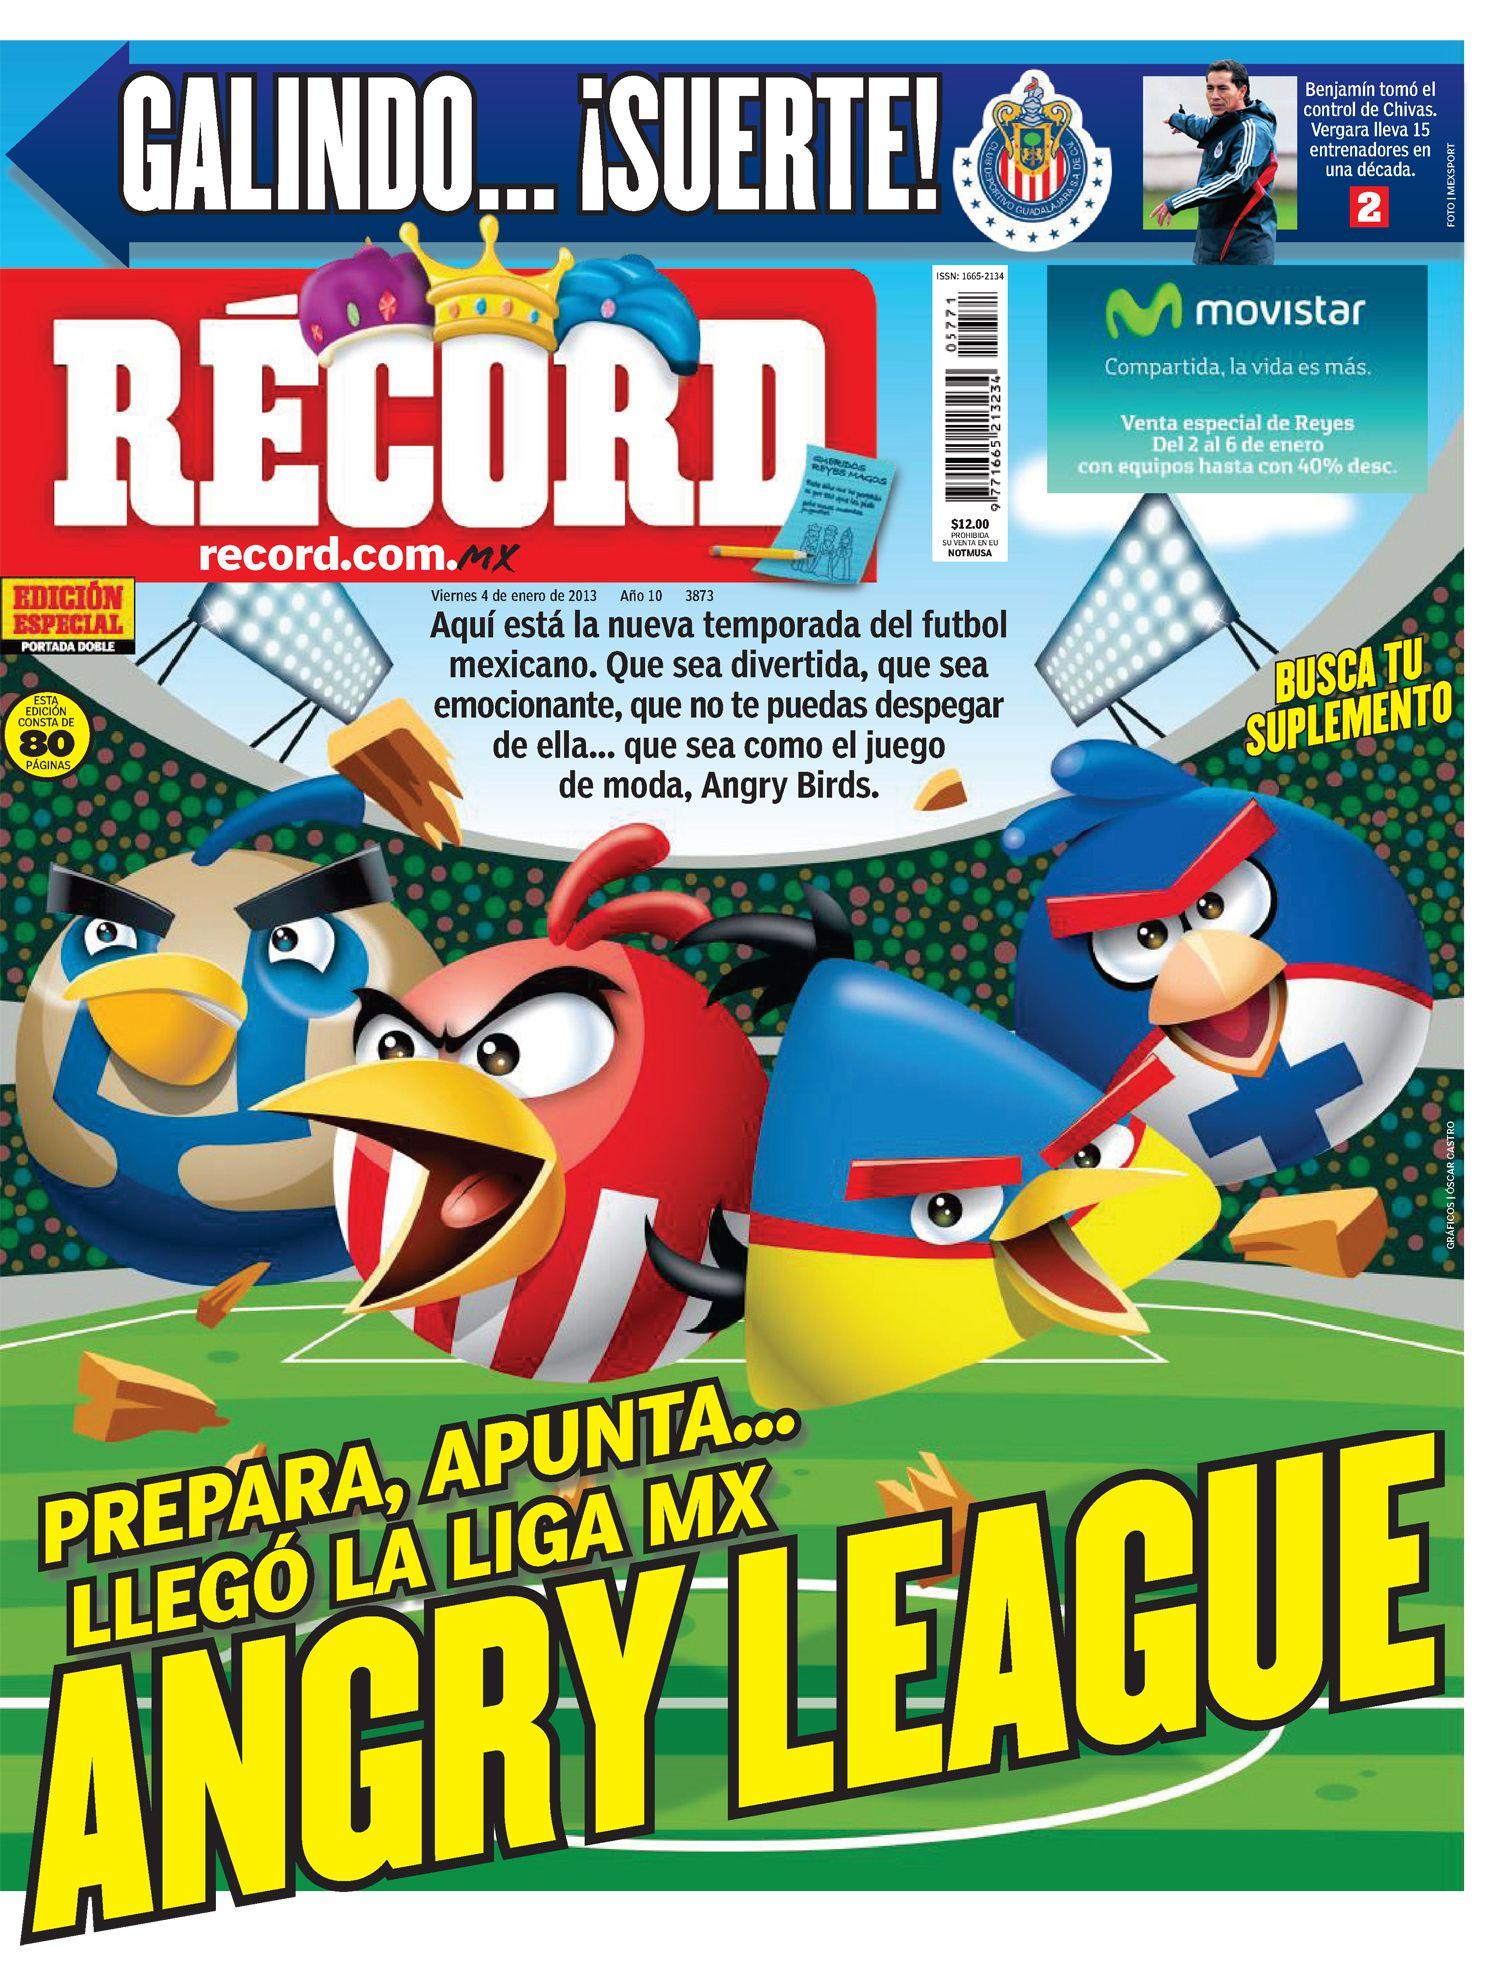 Las mejores portadas del 2013: 'Angry League', la previa del torneo del 4 de enero